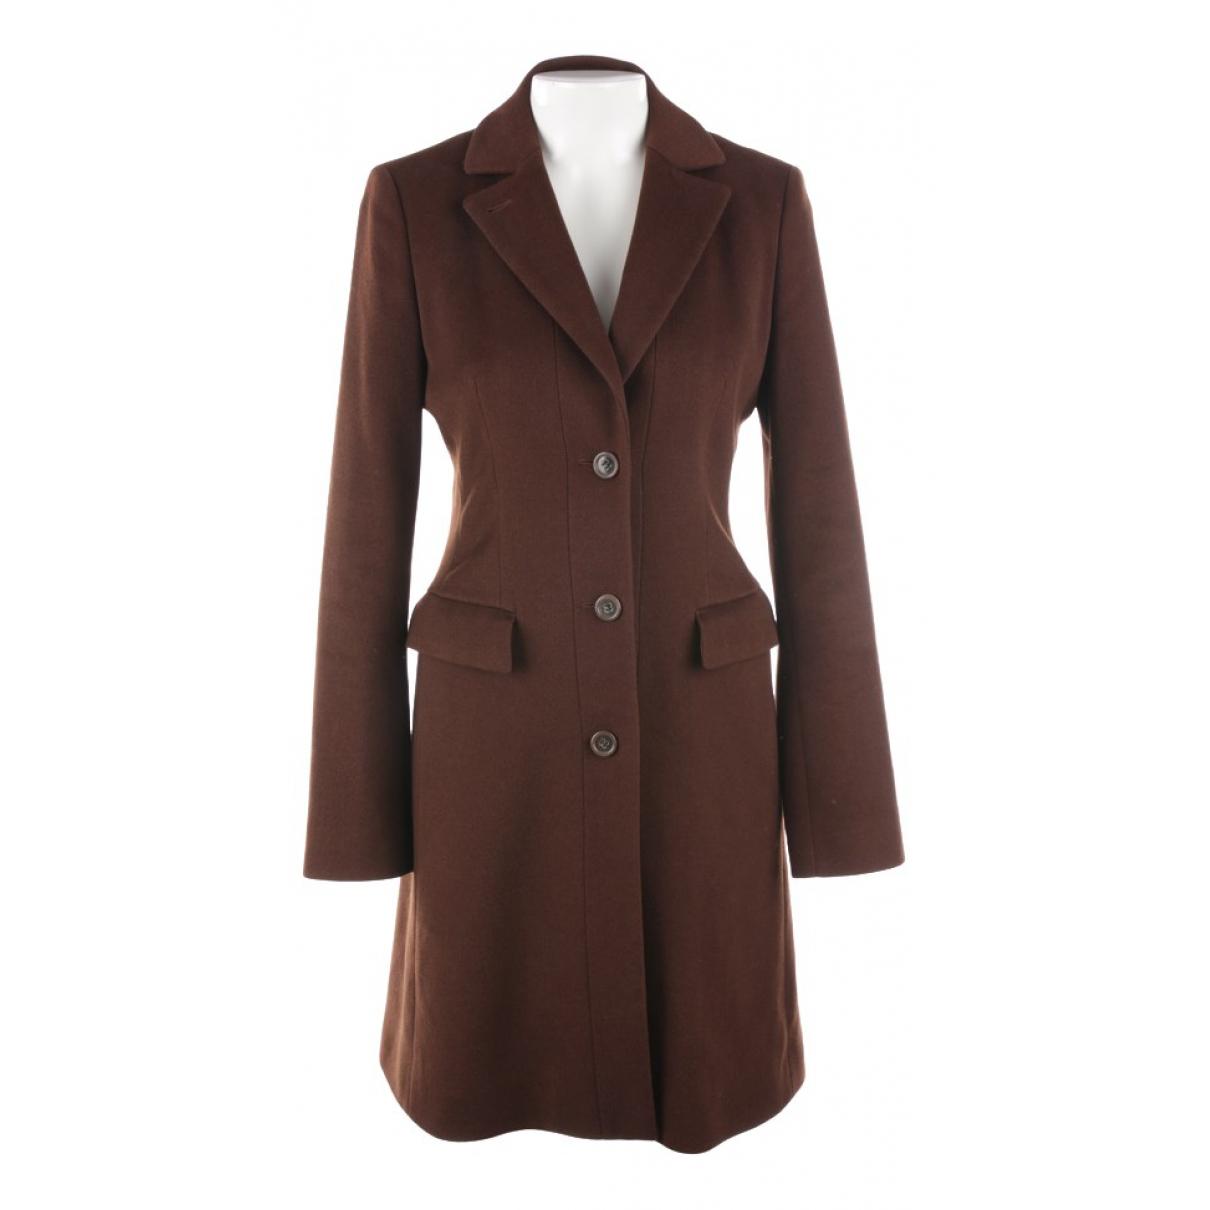 Hugo Boss \N Brown Wool jacket for Women 36 FR